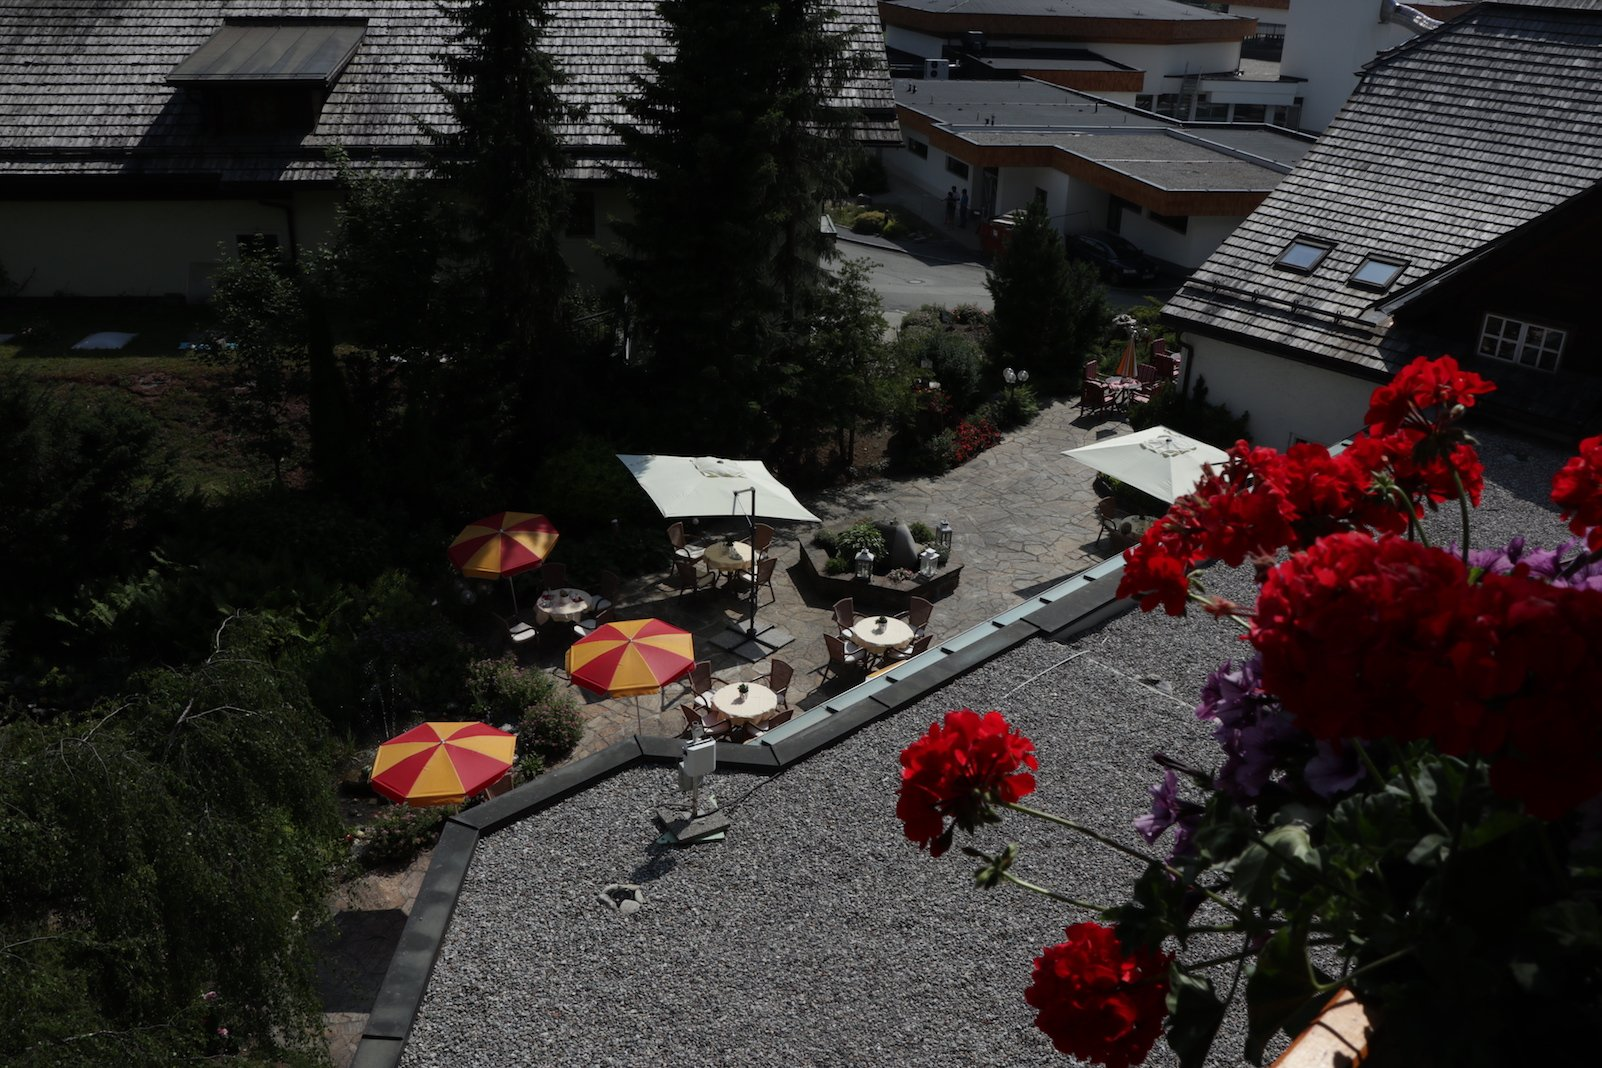 Blick von oben auf die Terrasse des Speisesaals